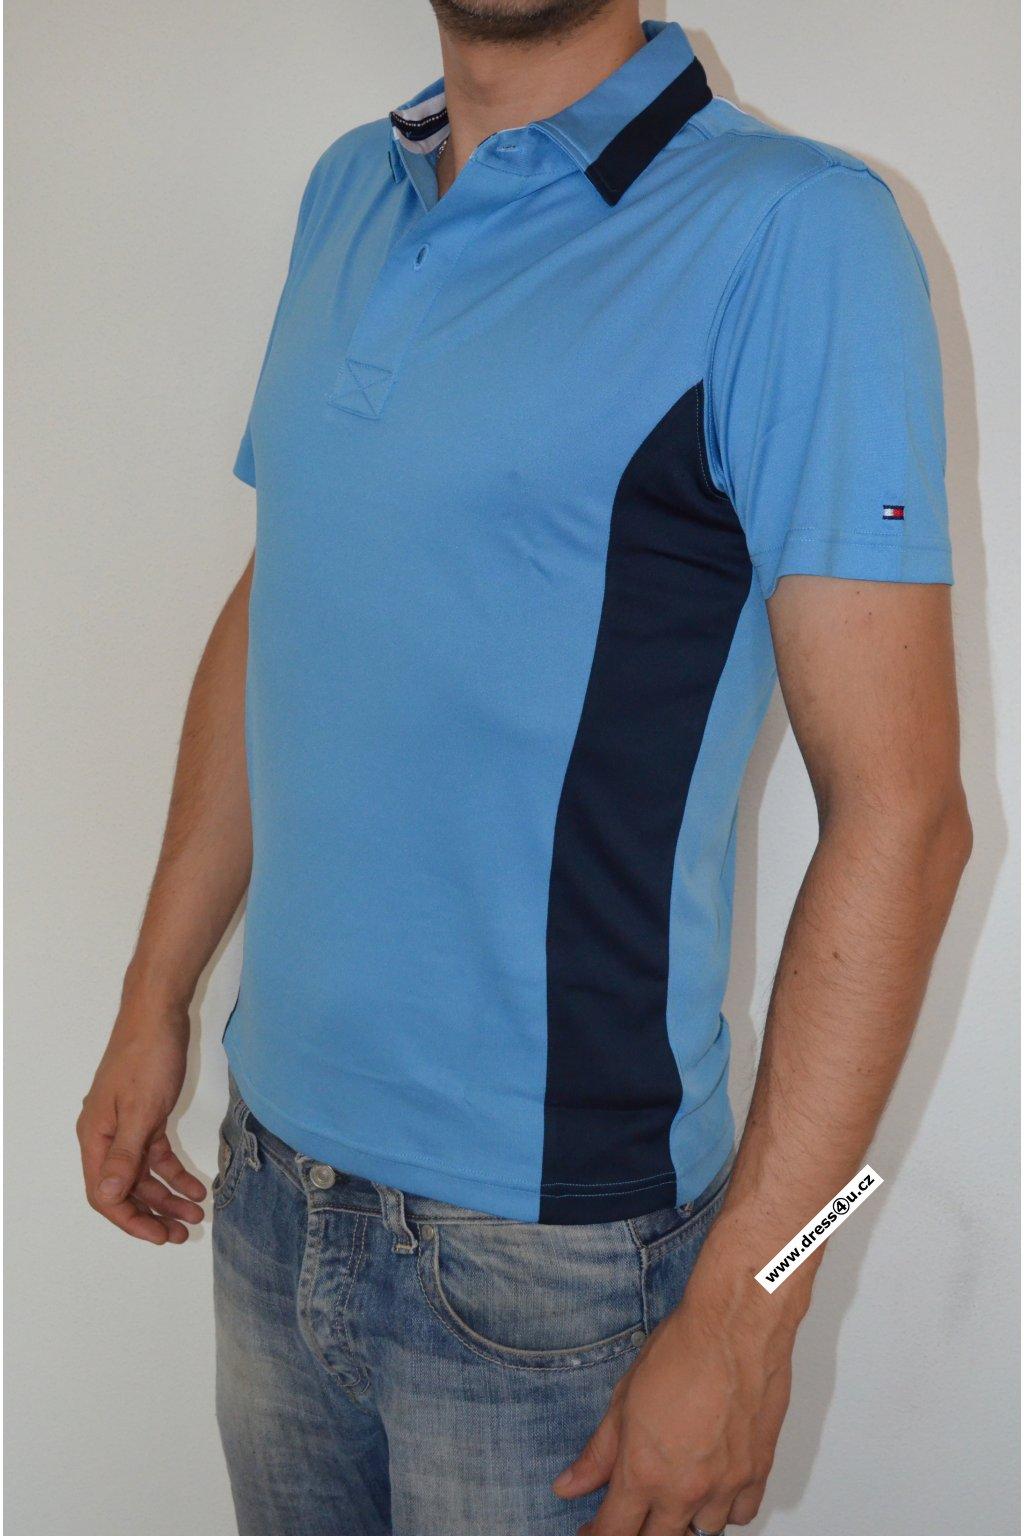 Tommy Hilfiger pánské golf polo triko modré